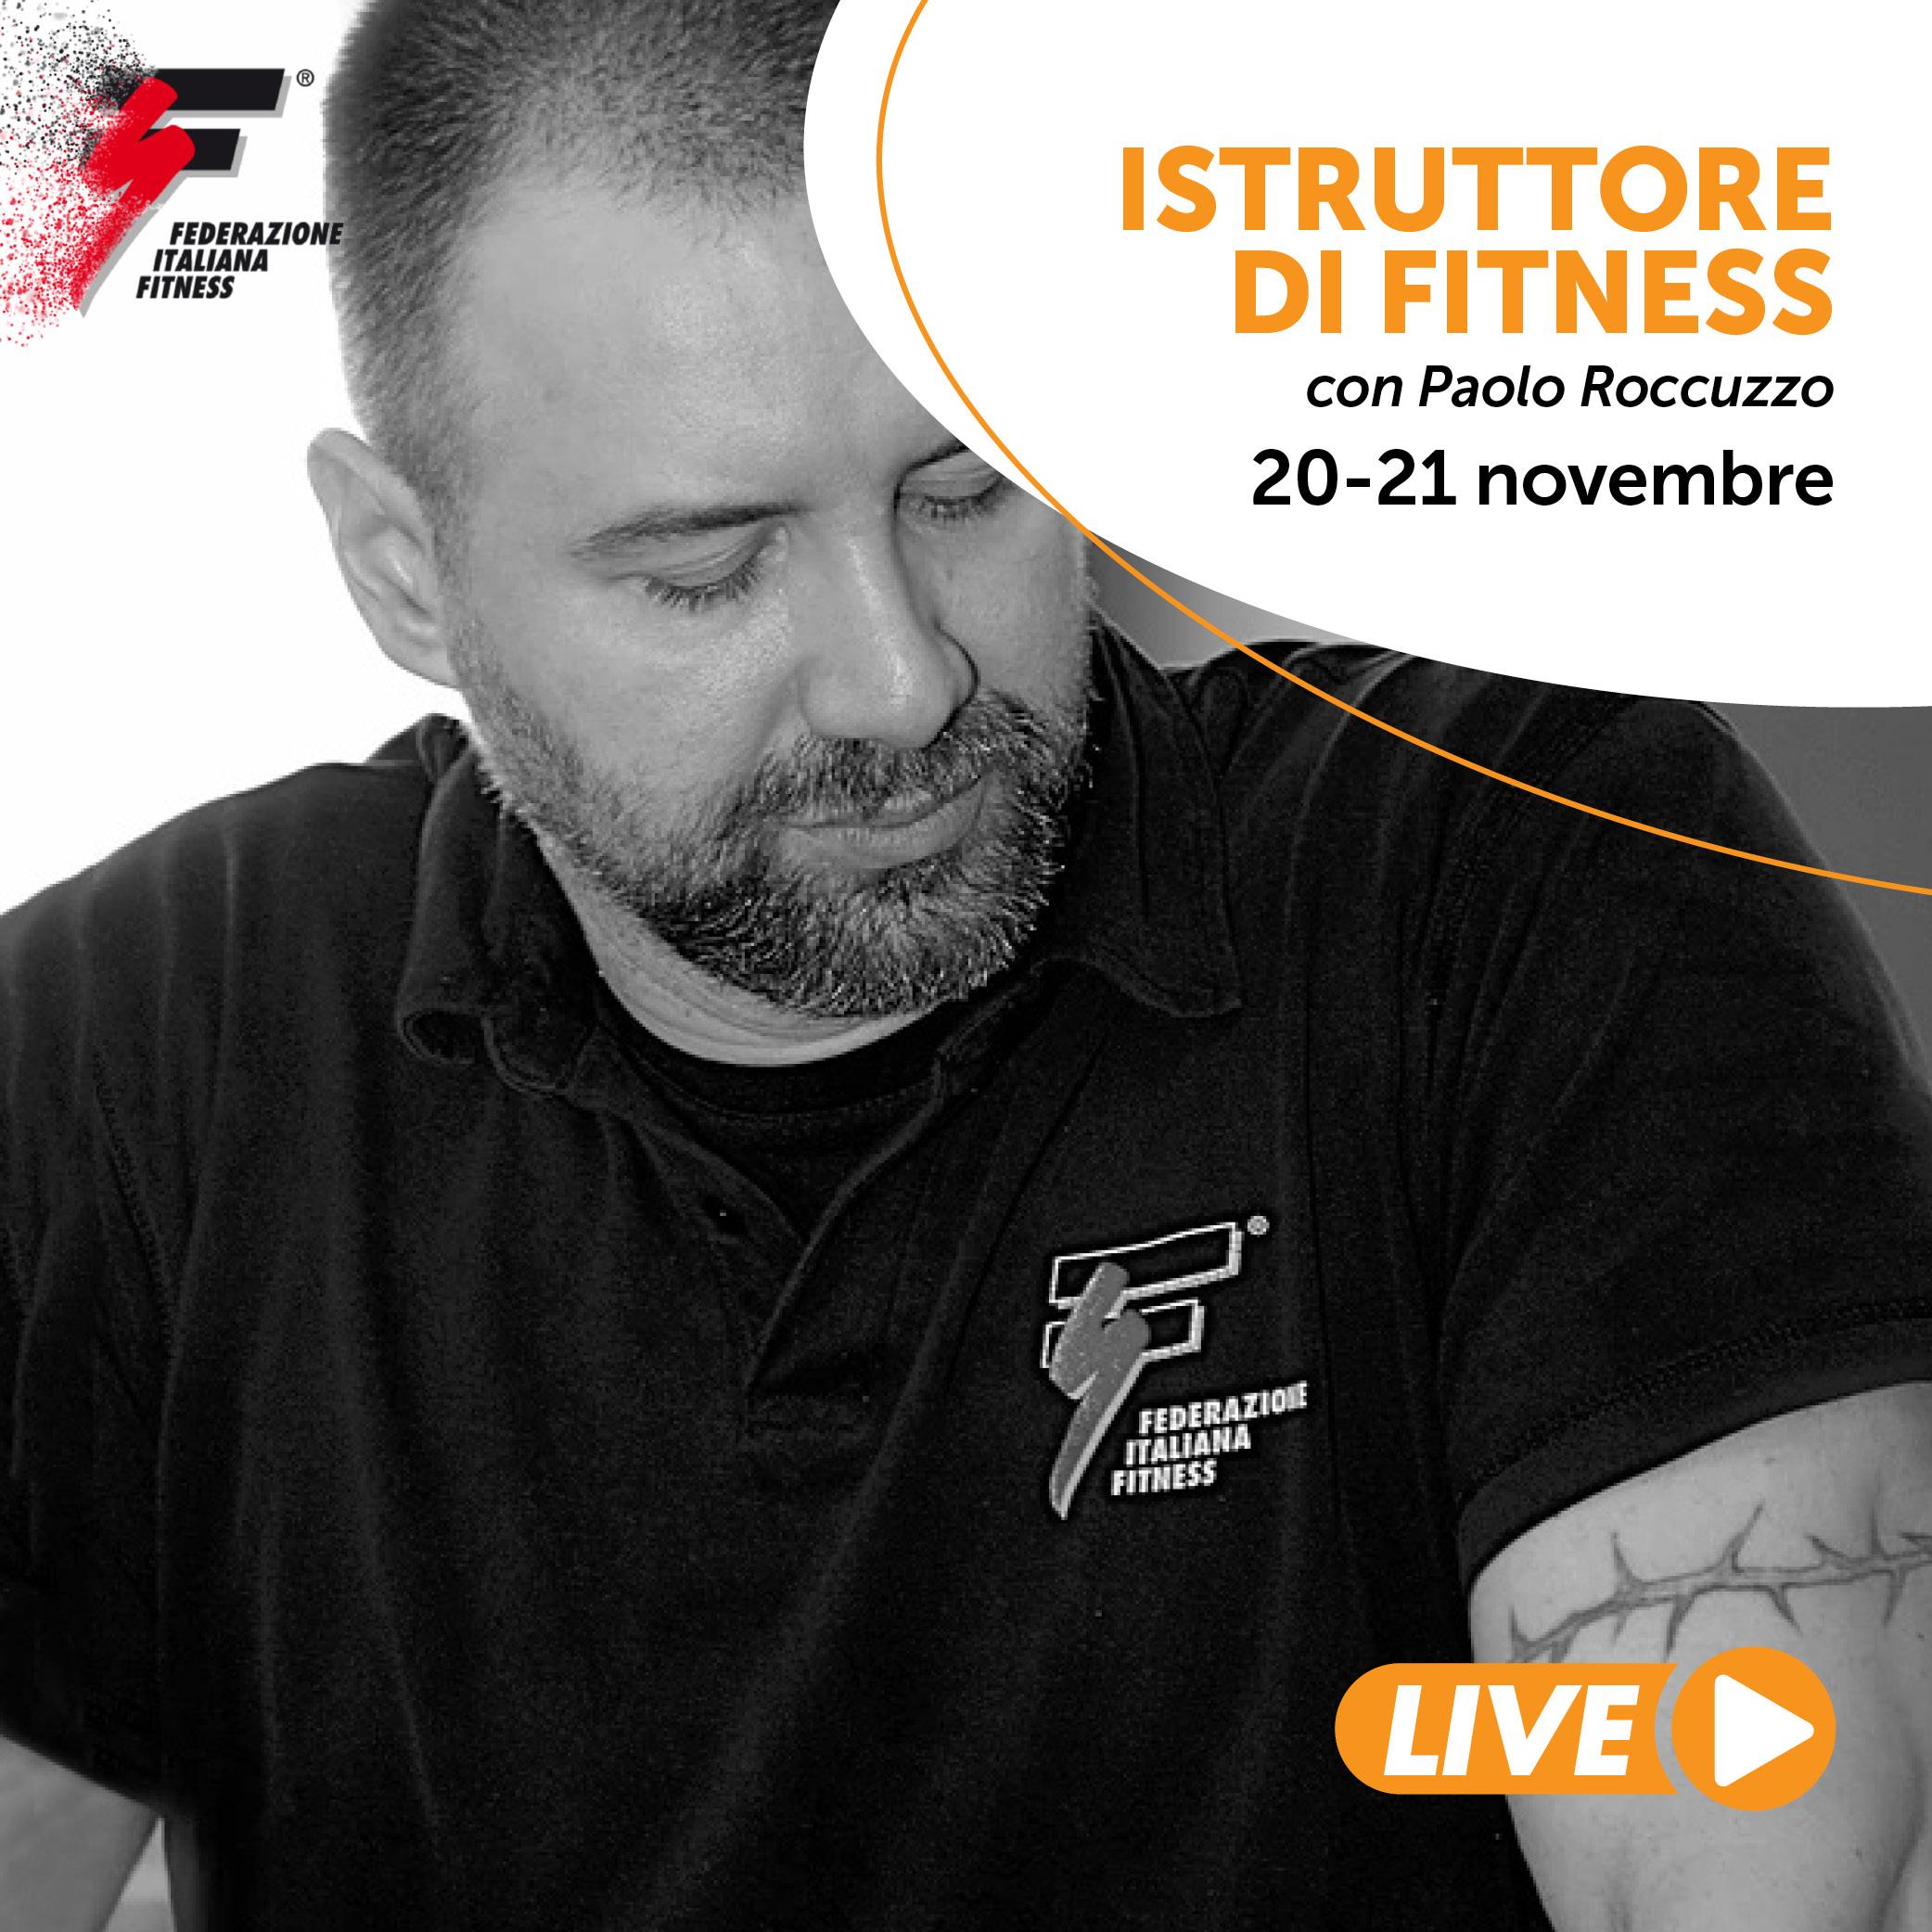 ISTRUTTORE DI FITNESS/Corso live